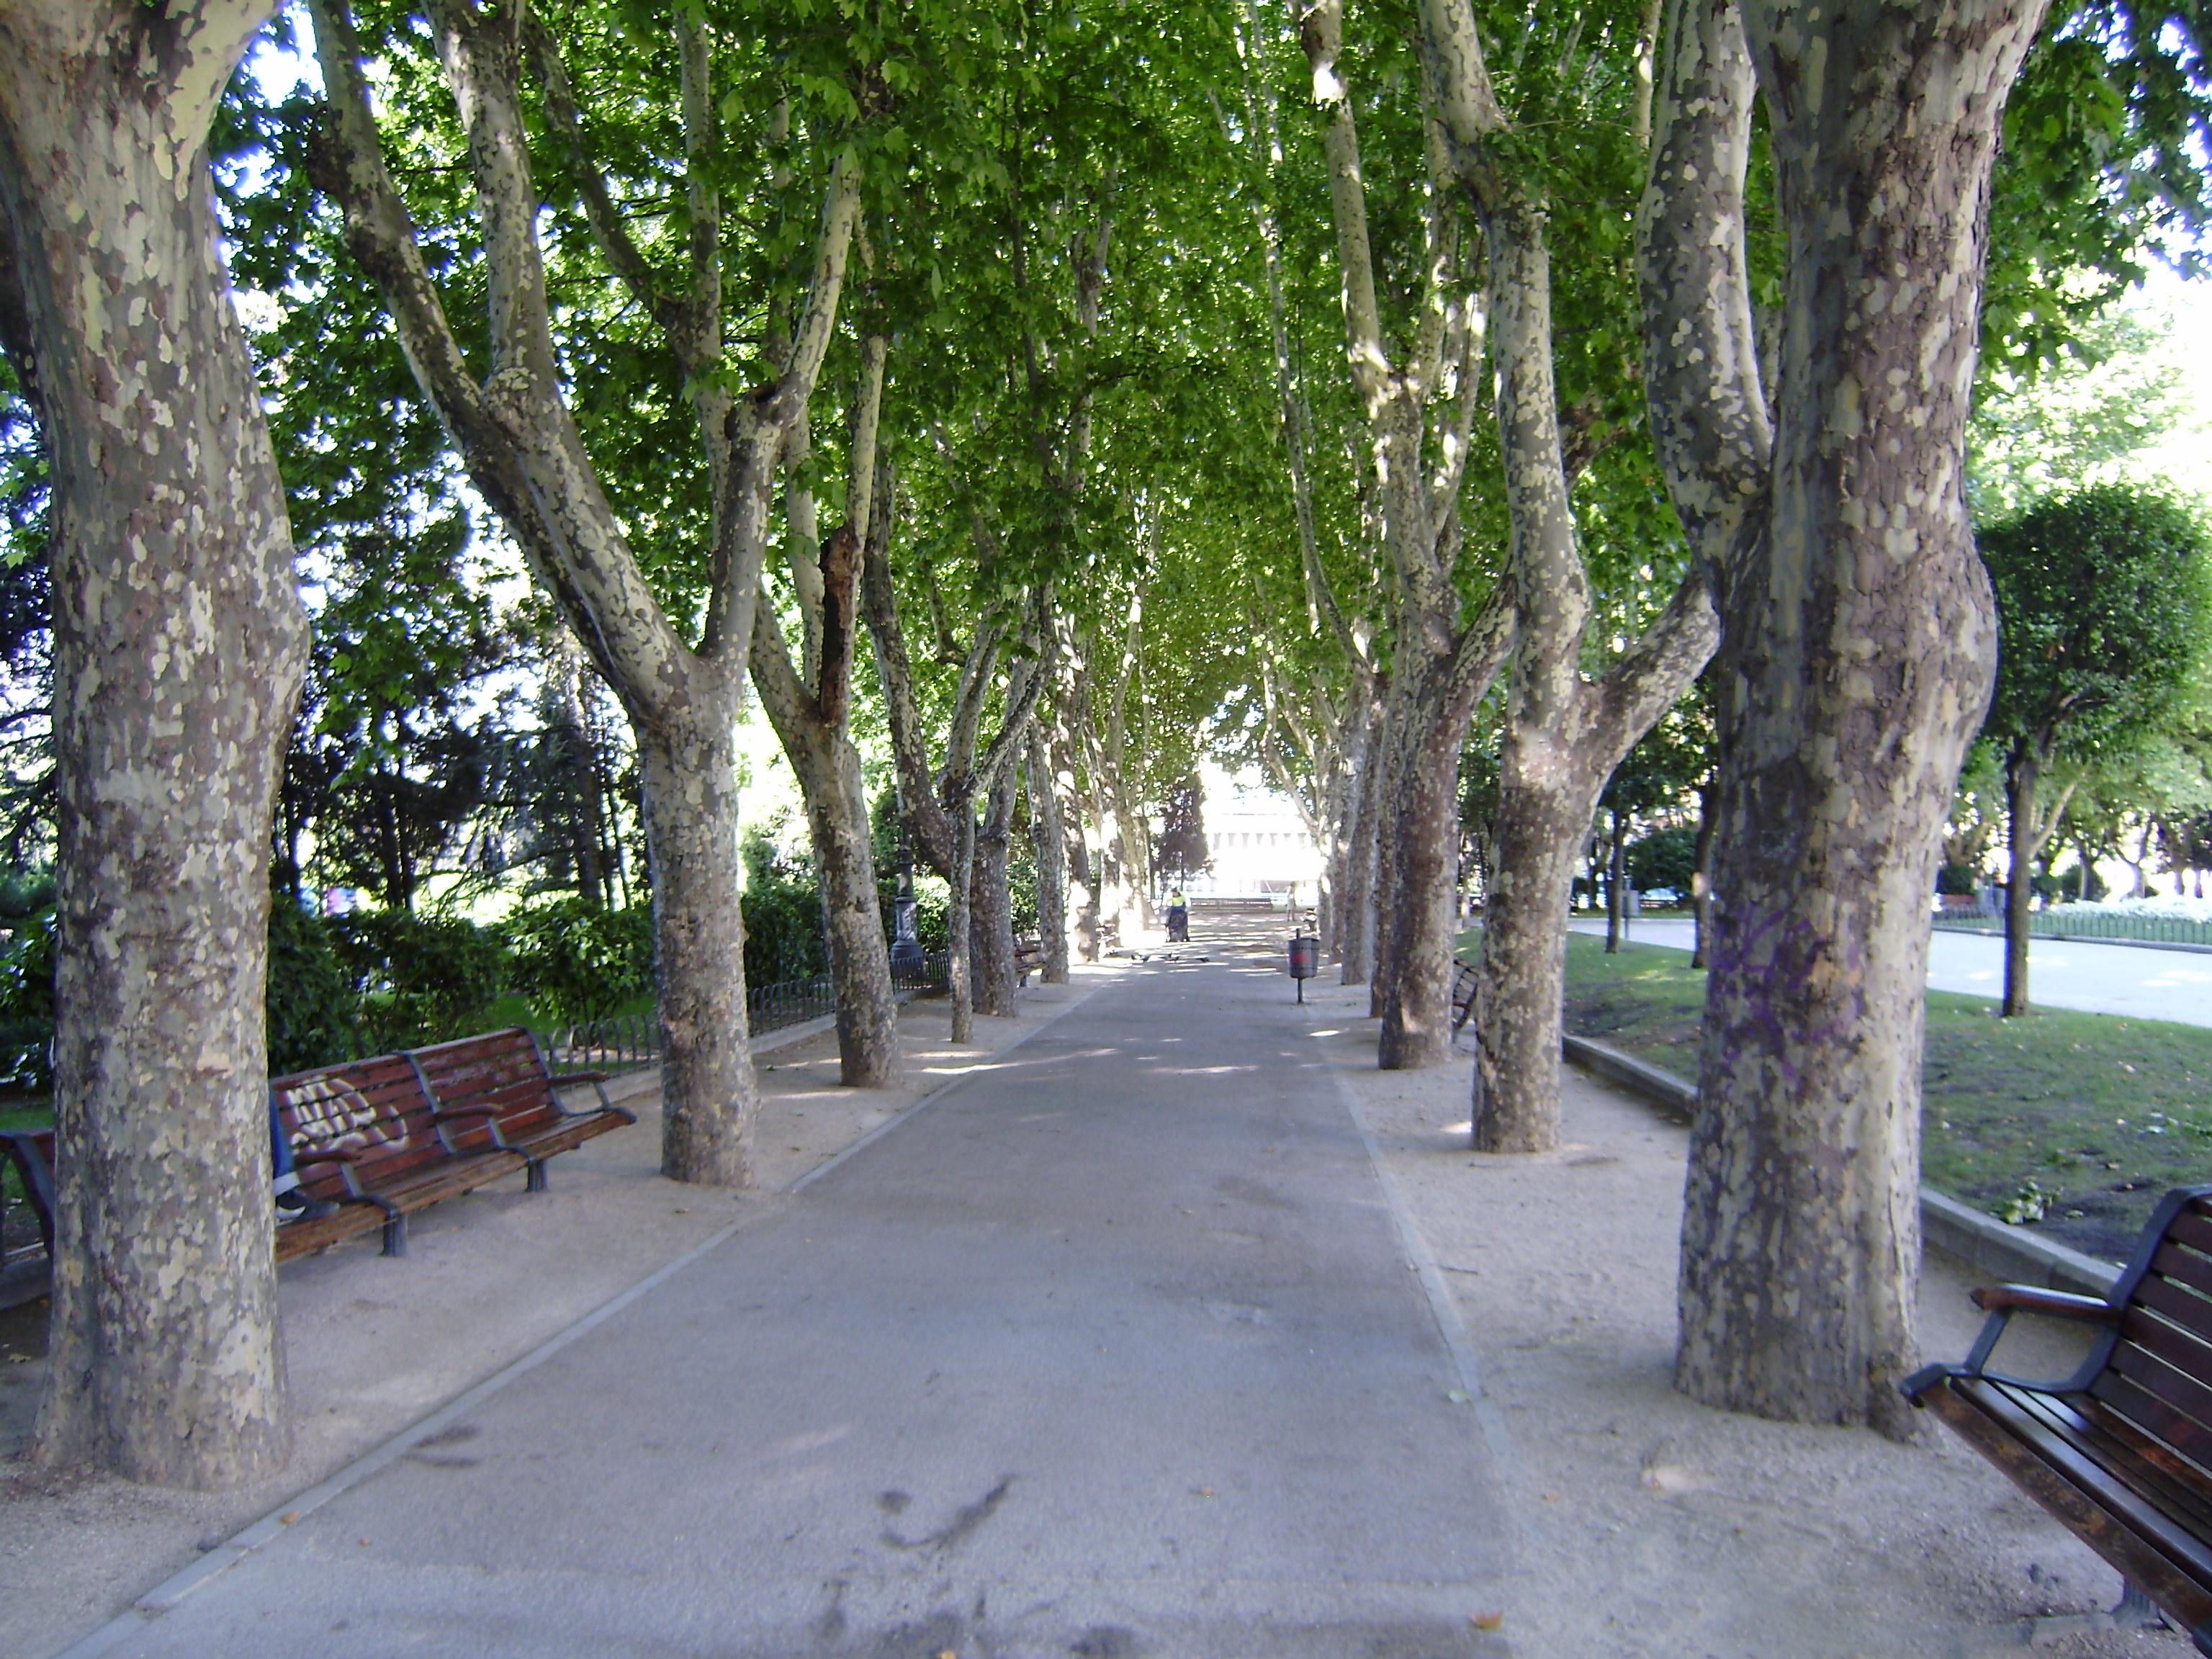 caminobreve en Plaza de España